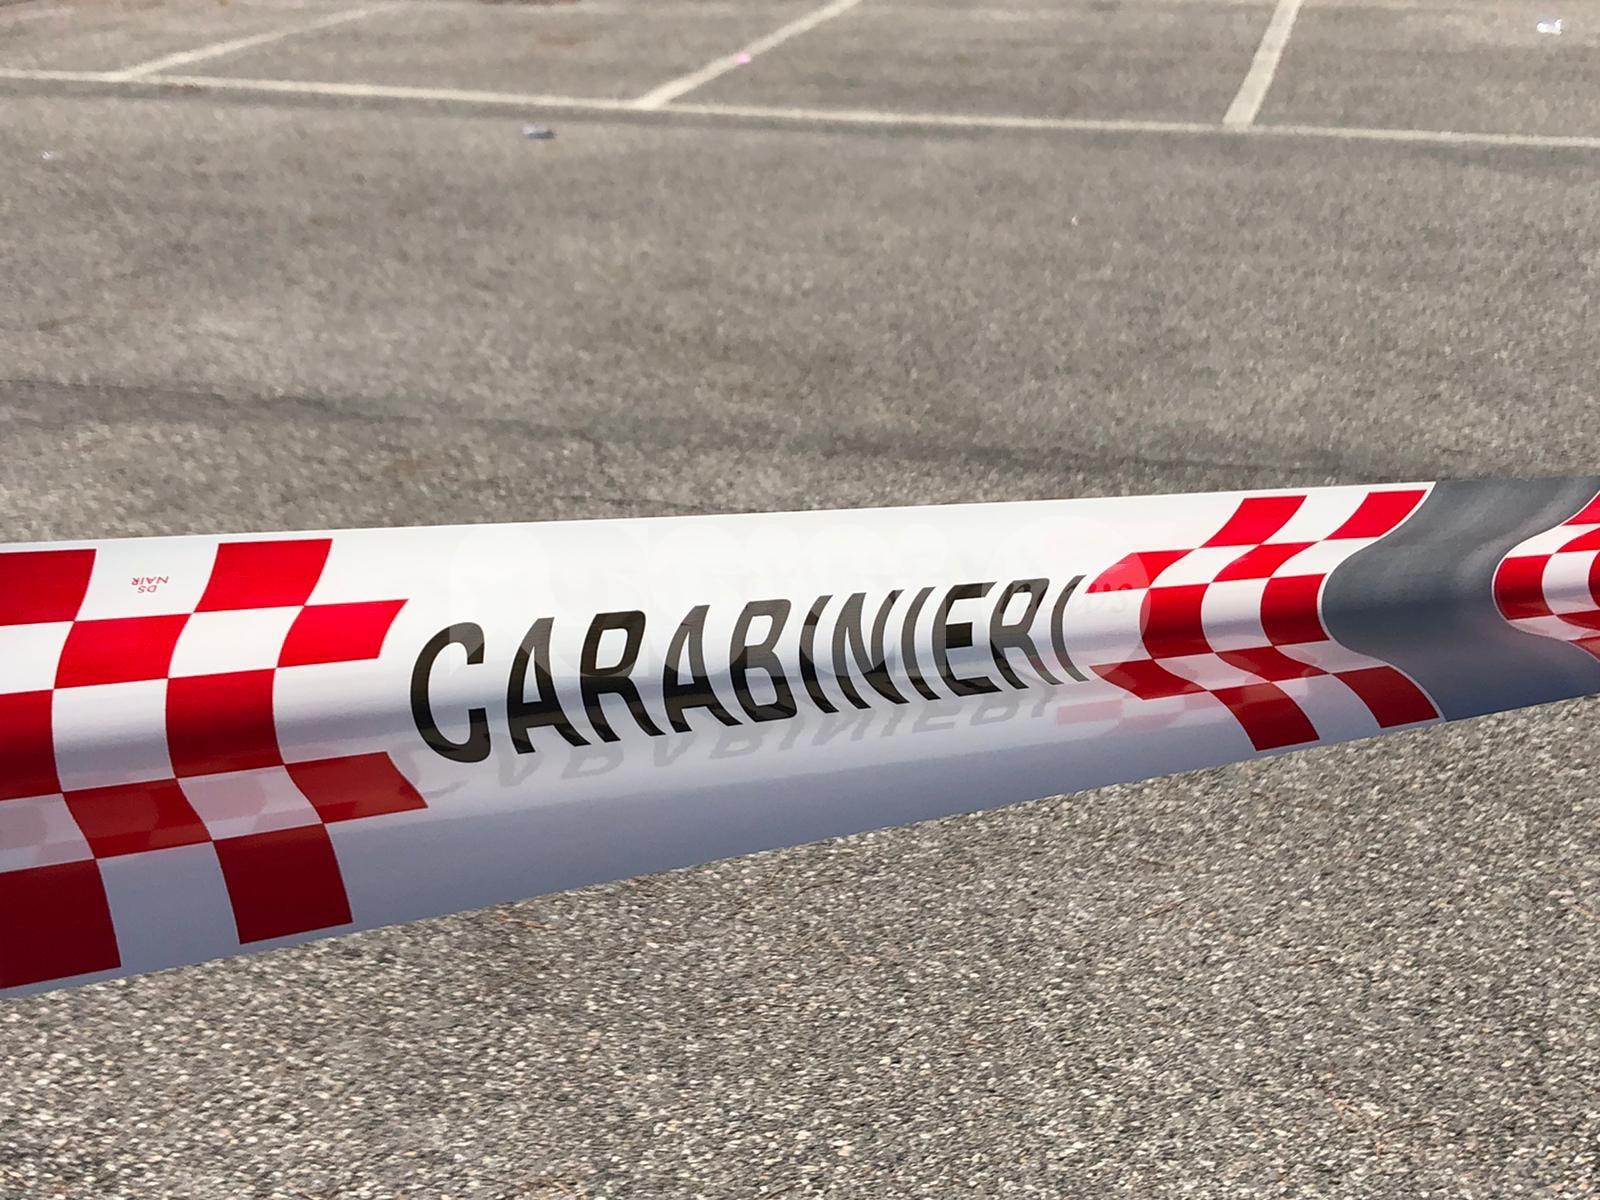 Morte di Filippo Limini, l'appello di Paola Lungarotti e dirigenti scolastici